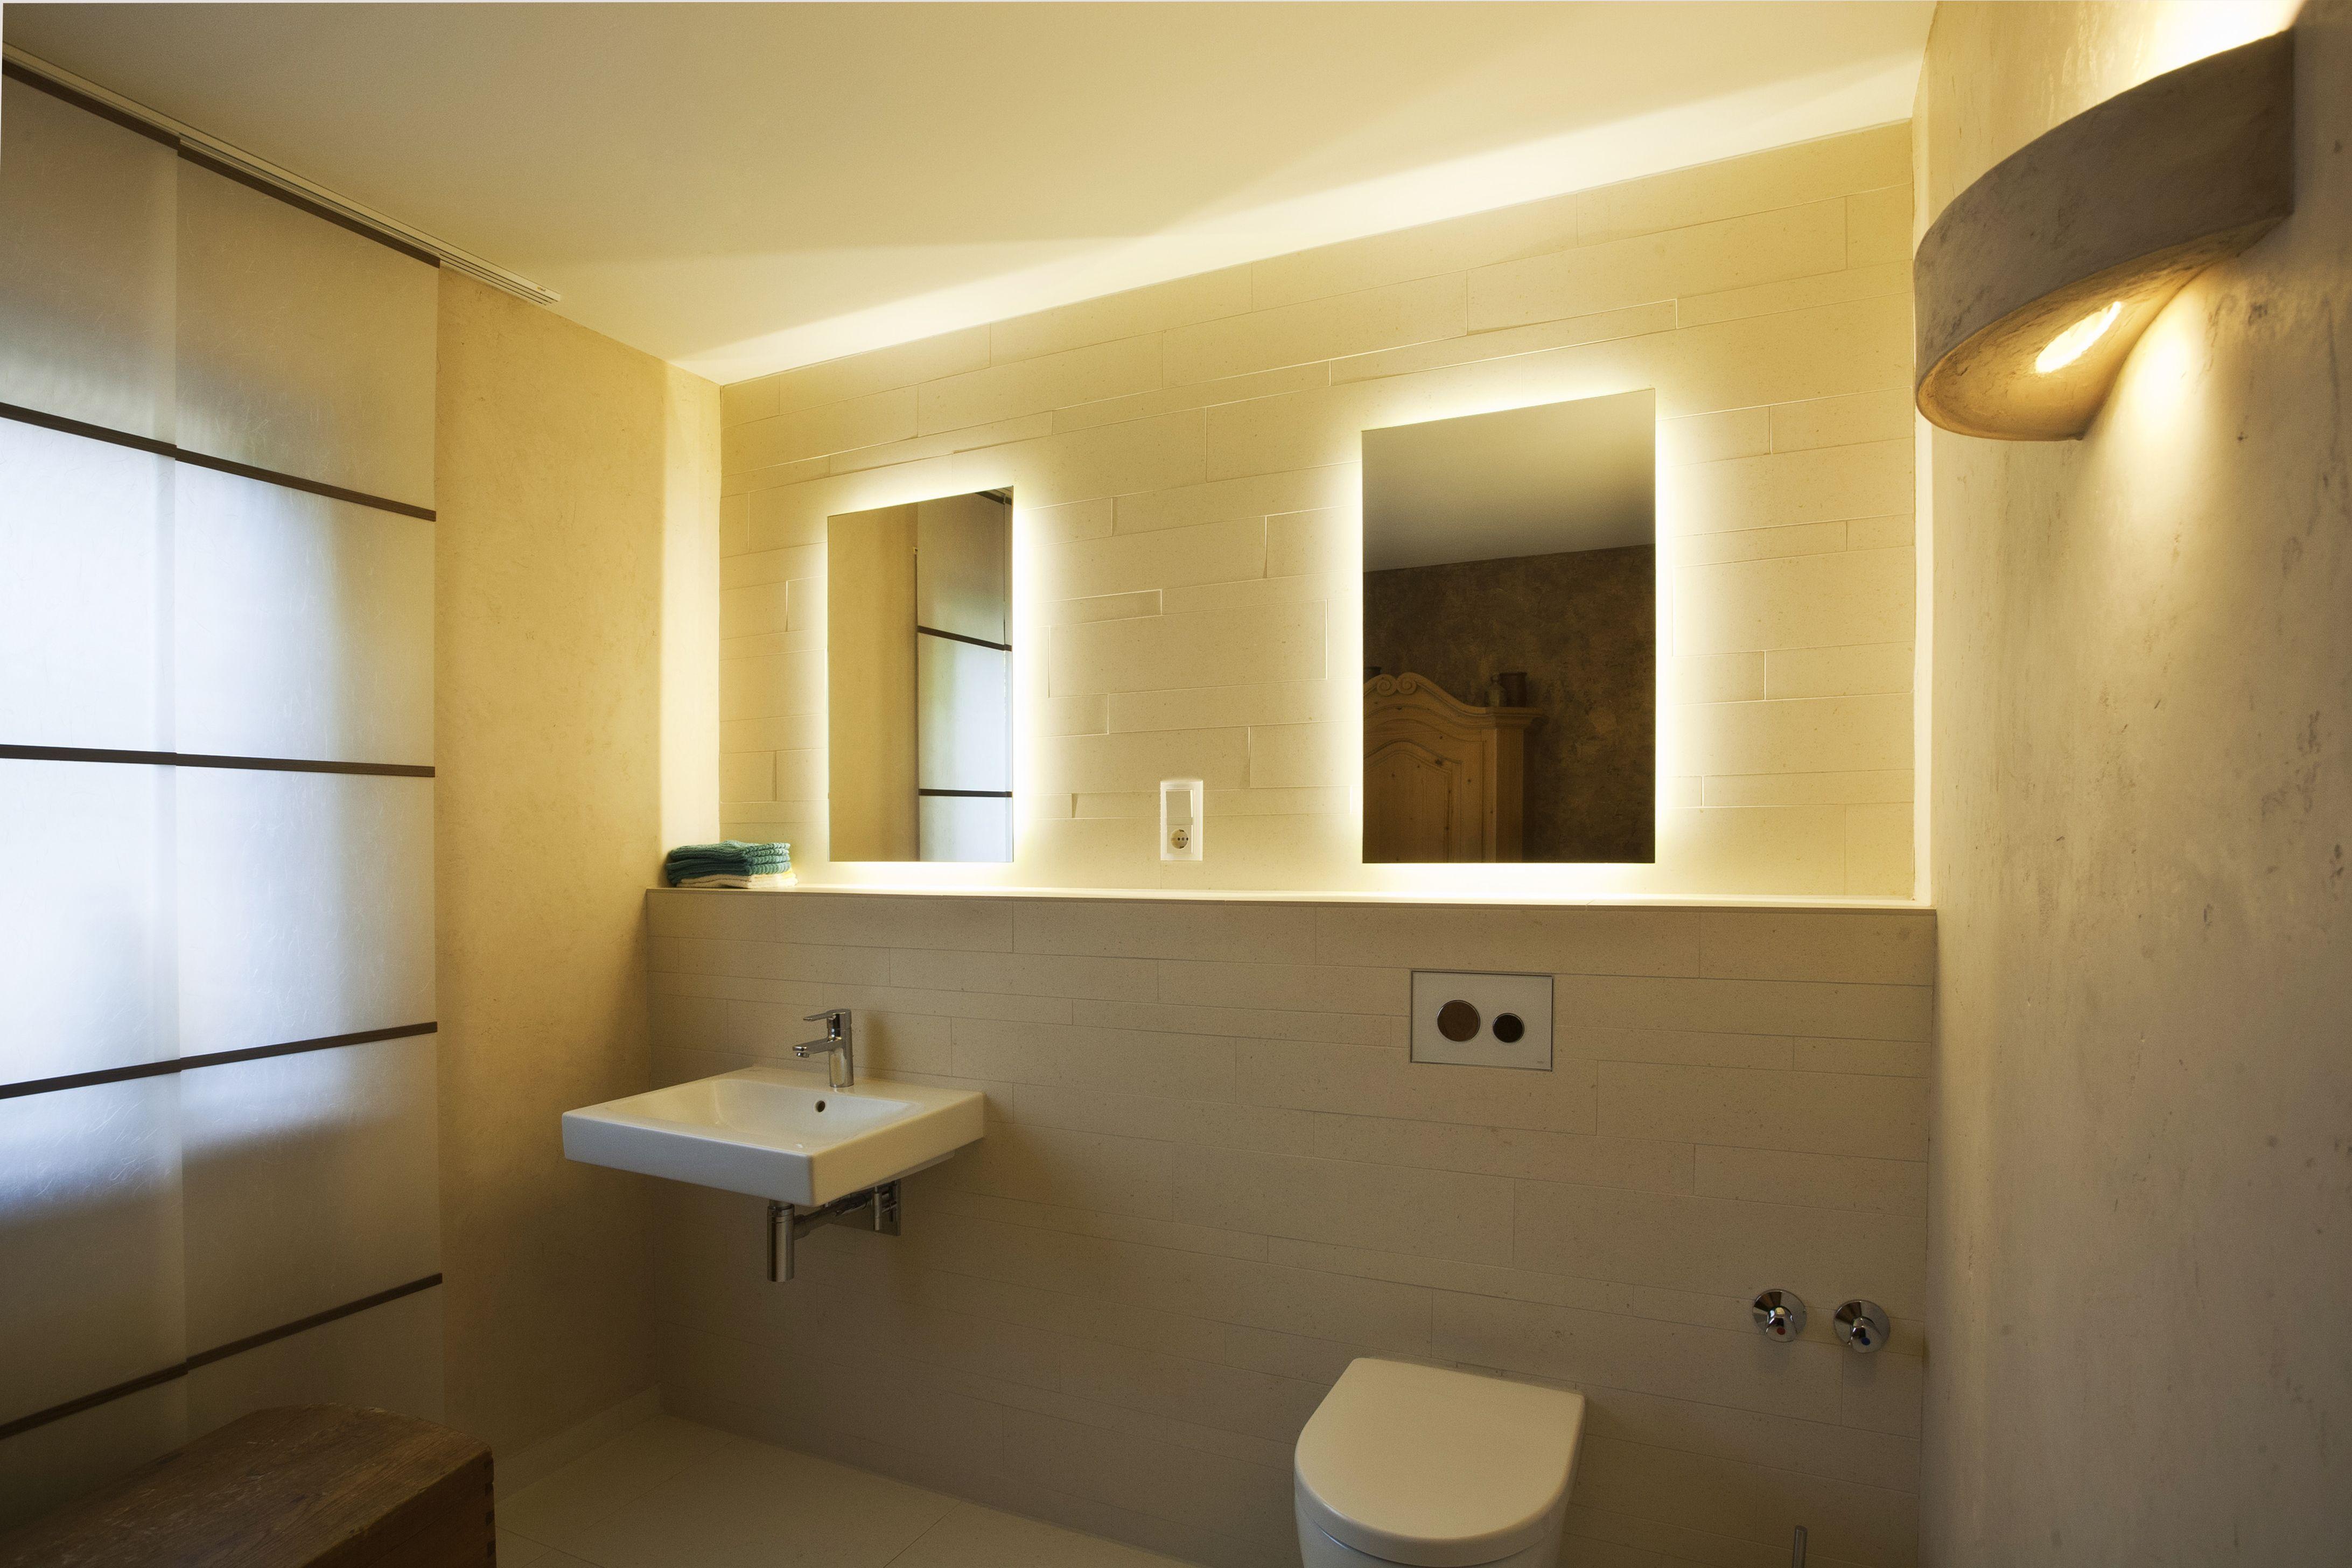 Inspiration Fur Badezimmer Mit Beleuchtung In 2020 Lighted Bathroom Mirror Bathroom Mirror Bathroom Lighting